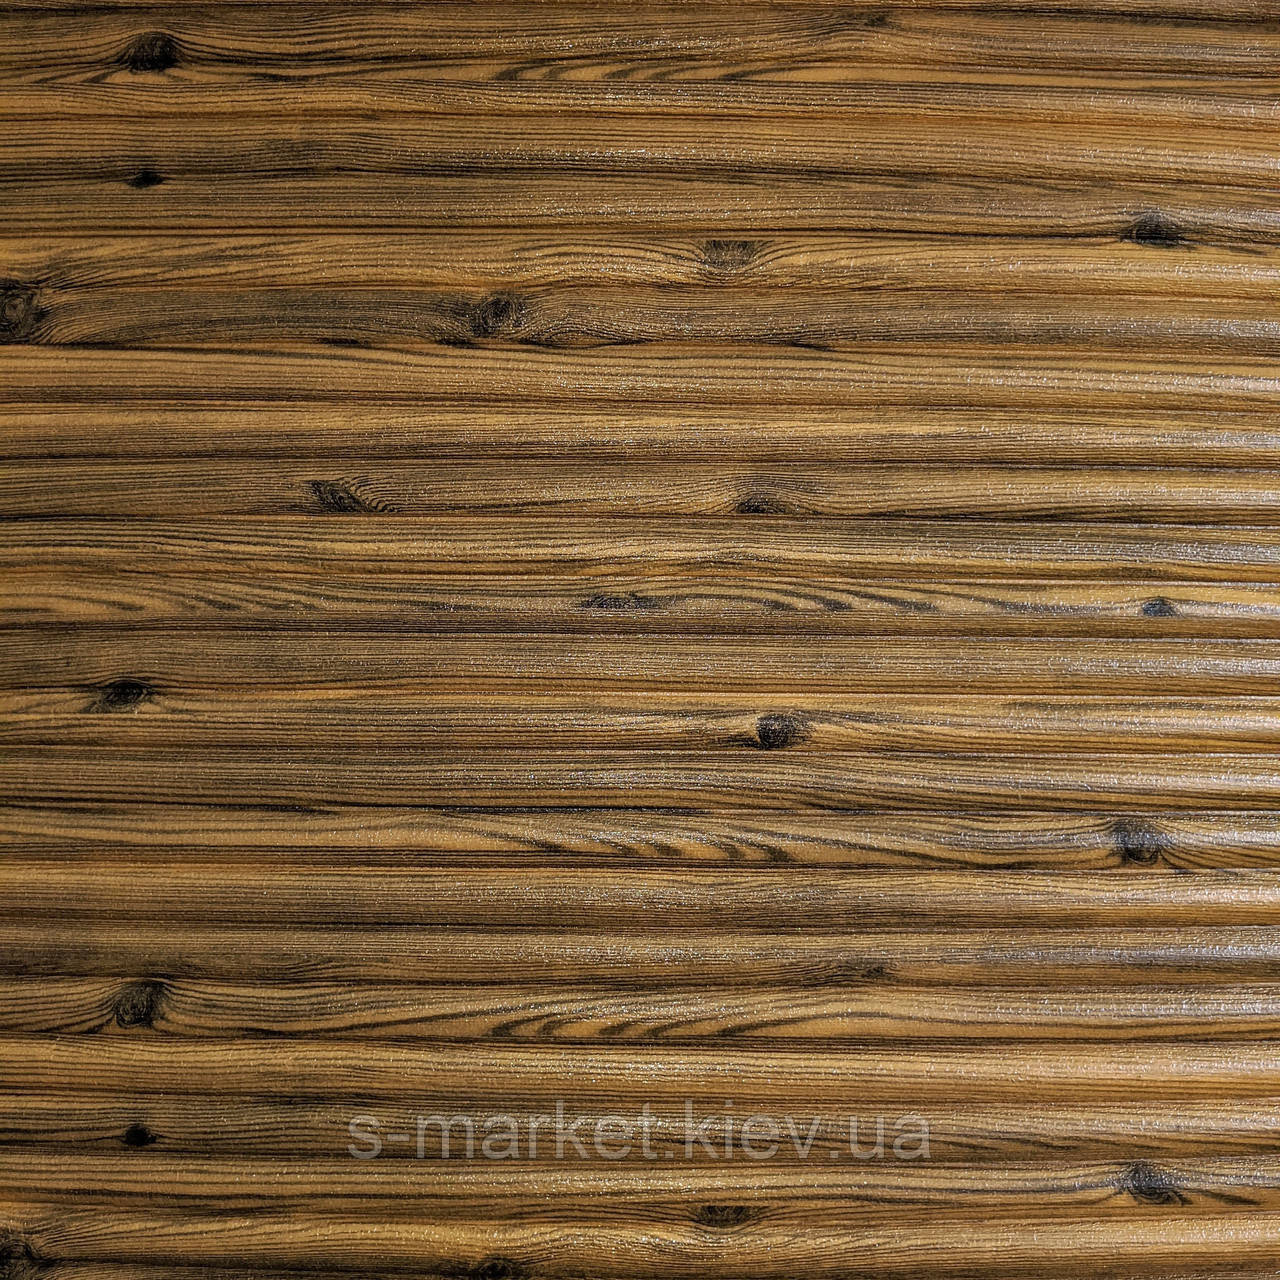 Самоклеюча декоративна 3D панель бамбук дерево 700x700x8.5мм